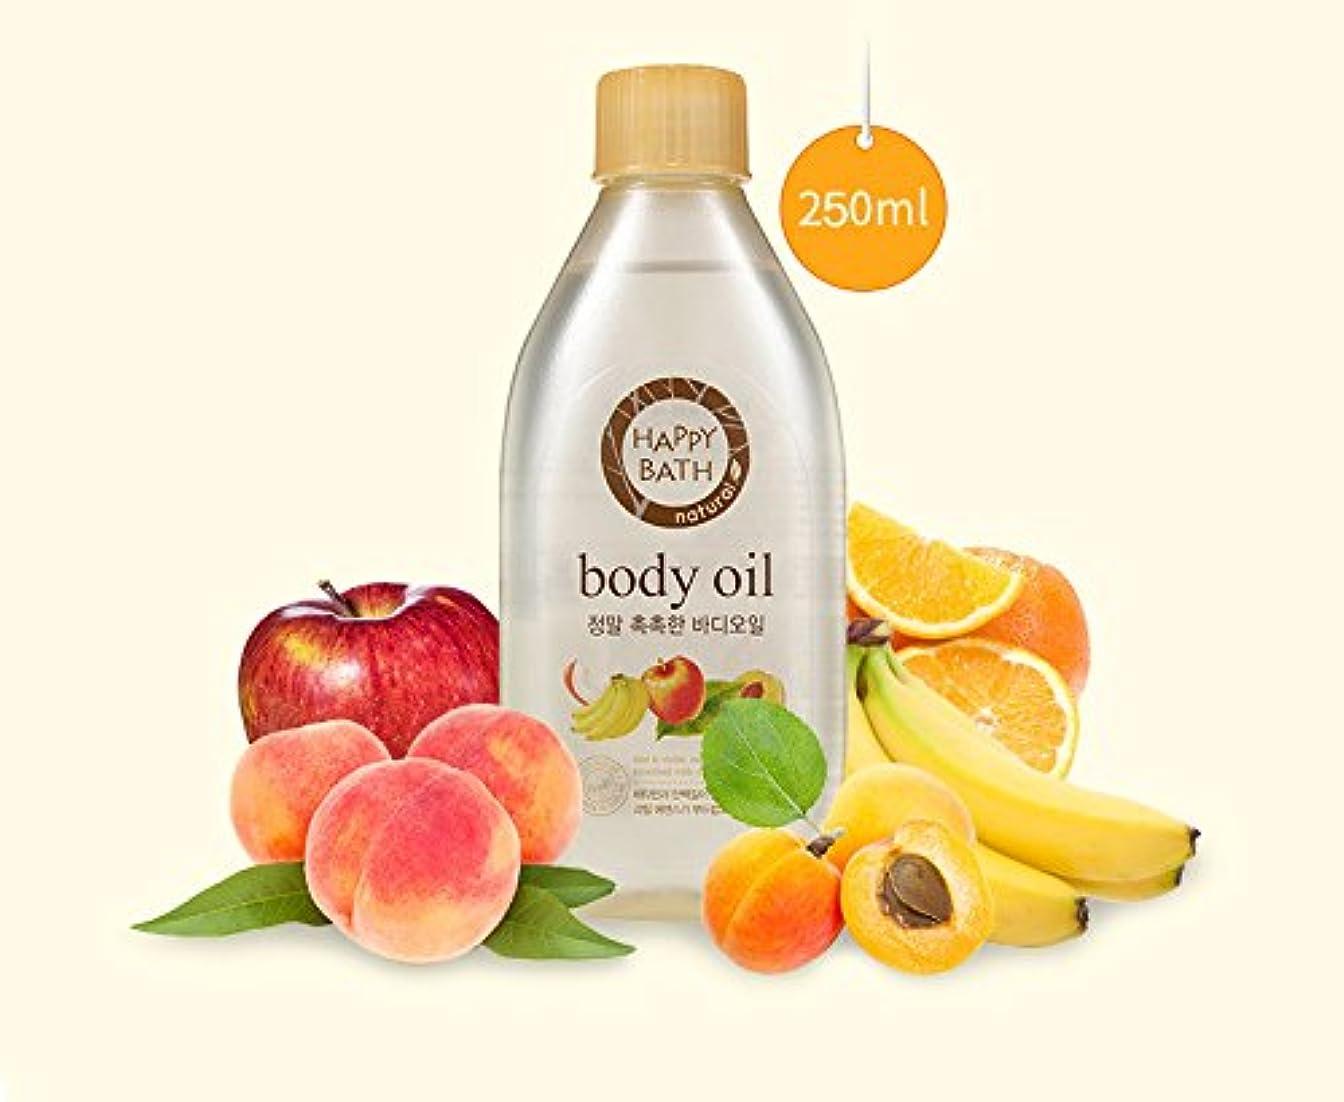 夢中ナースヒョウ[ハッピーバス.happy bath]本当にしっとりボディミルク(1+1企画)/ Real moisturizing body milk(450ml+450ml)